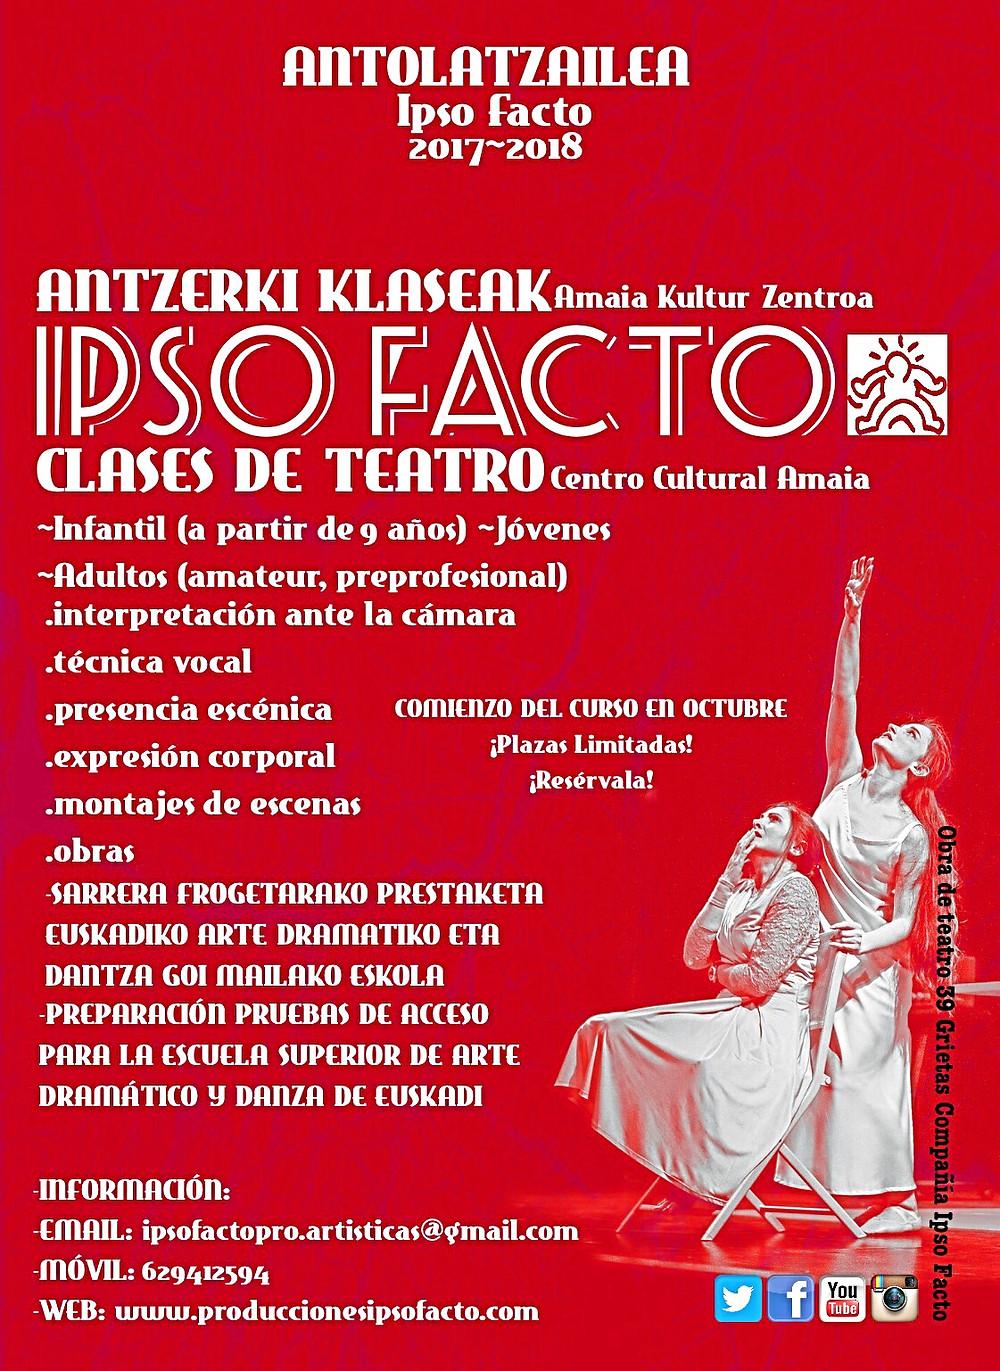 Cursos de teatro Ipso Facto